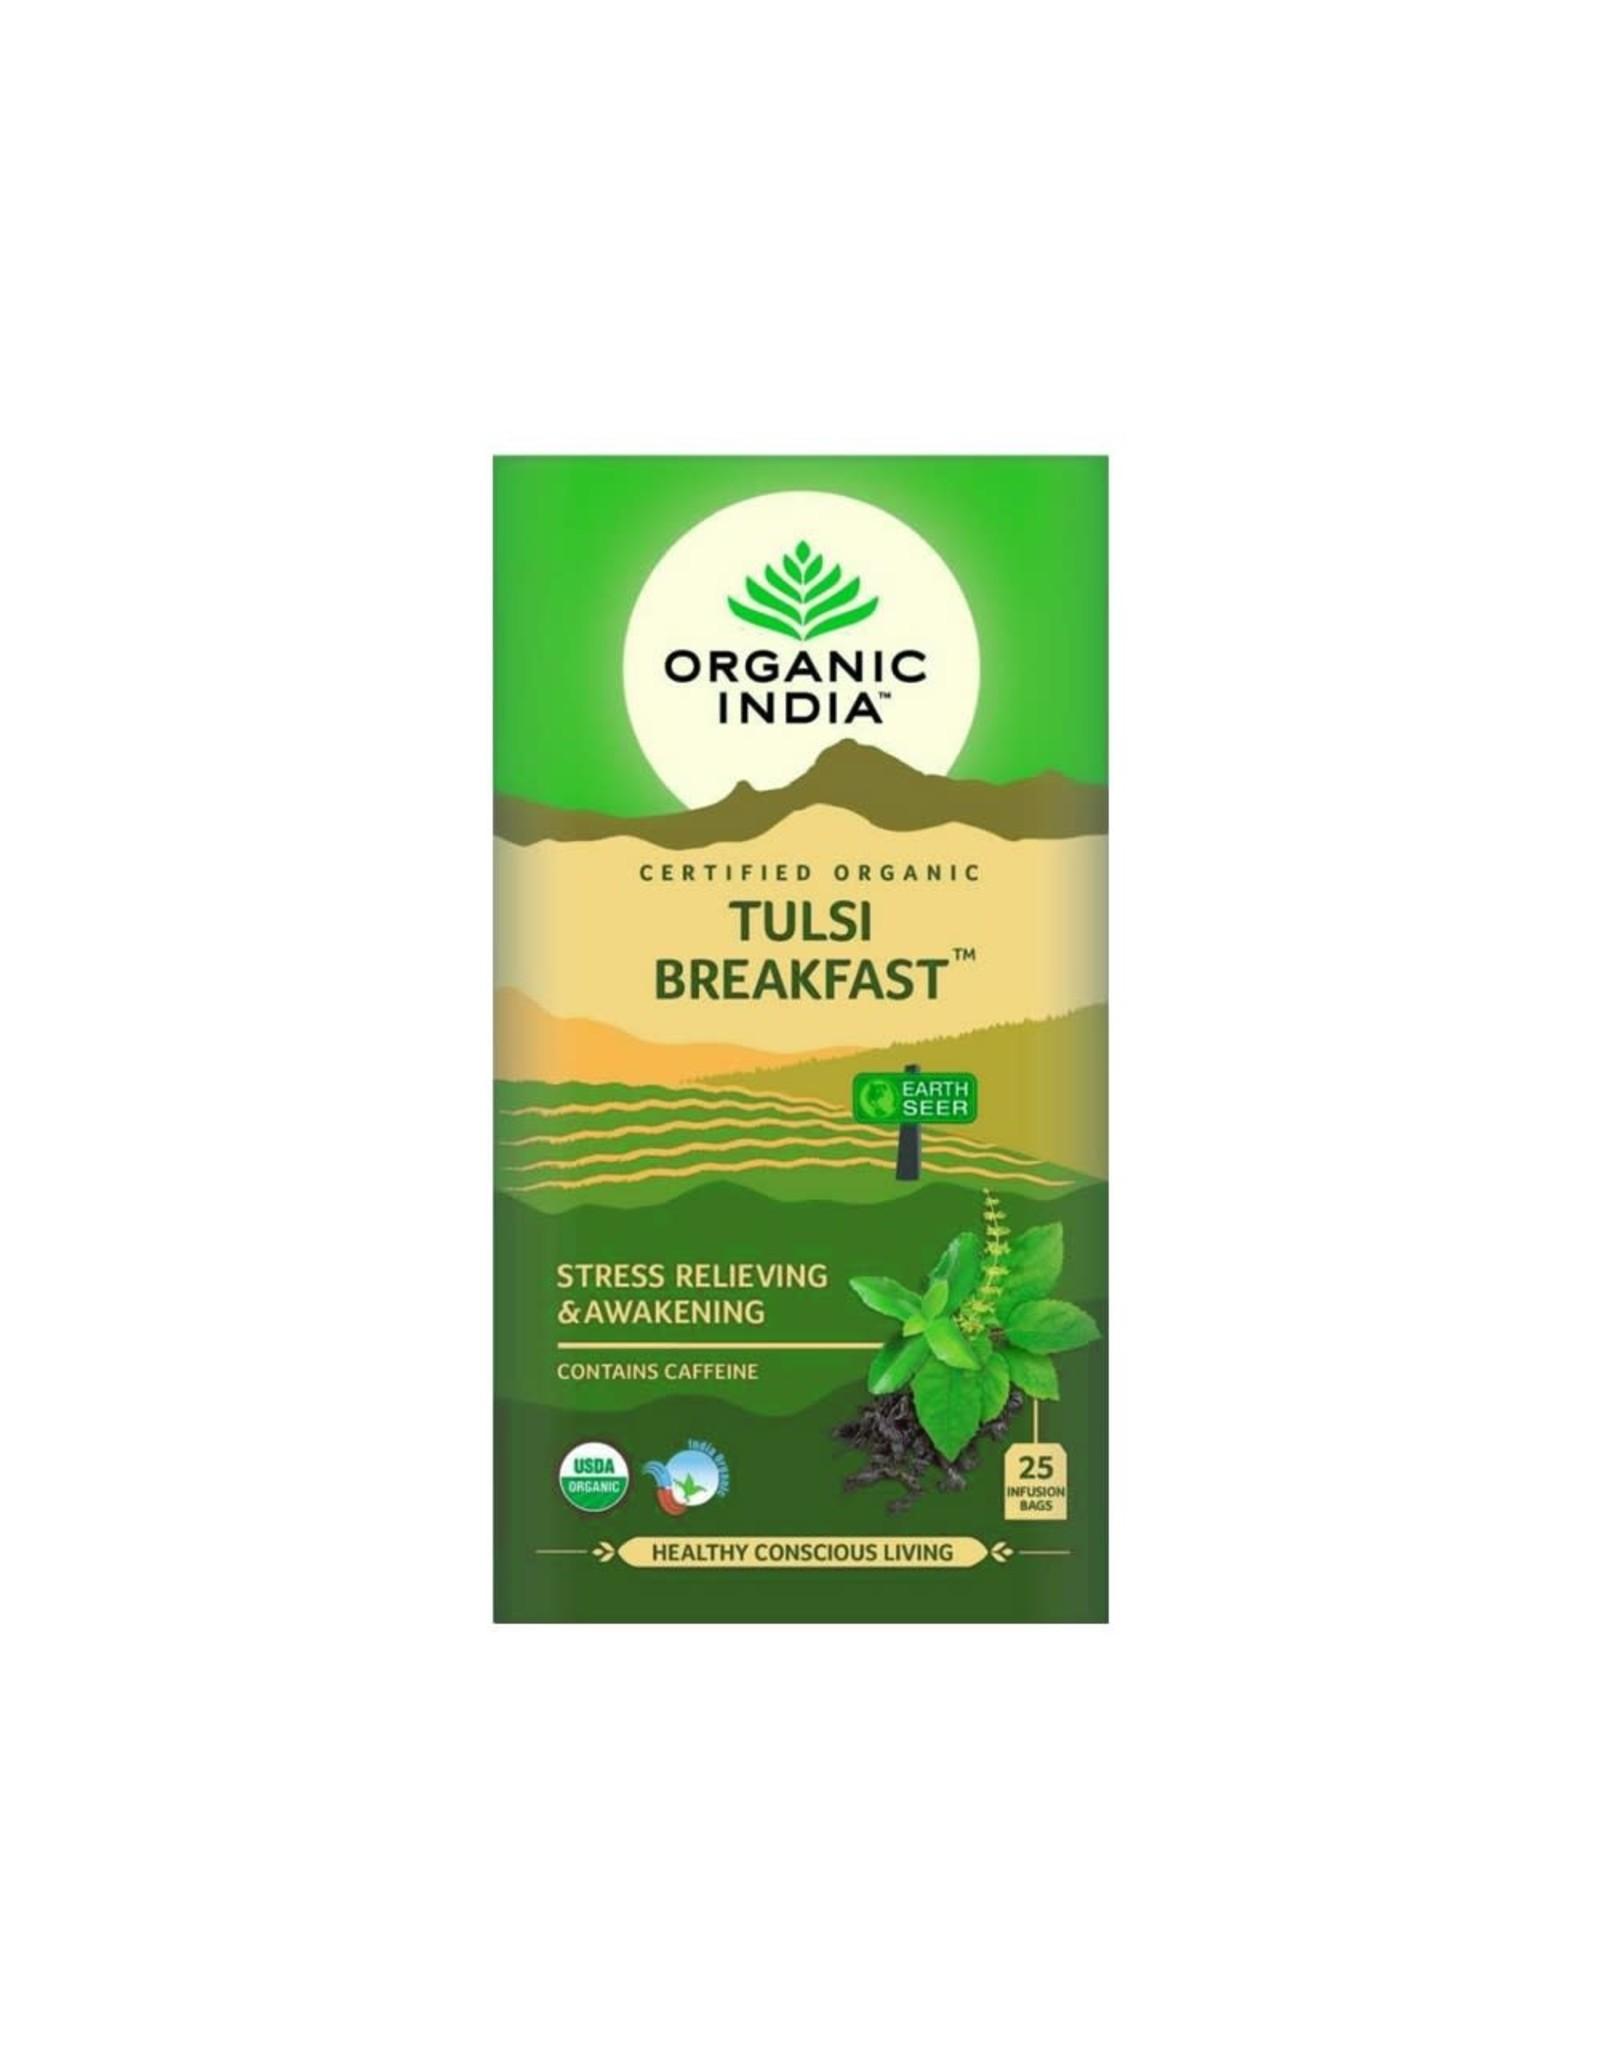 Organic India Tulsi Breakfast